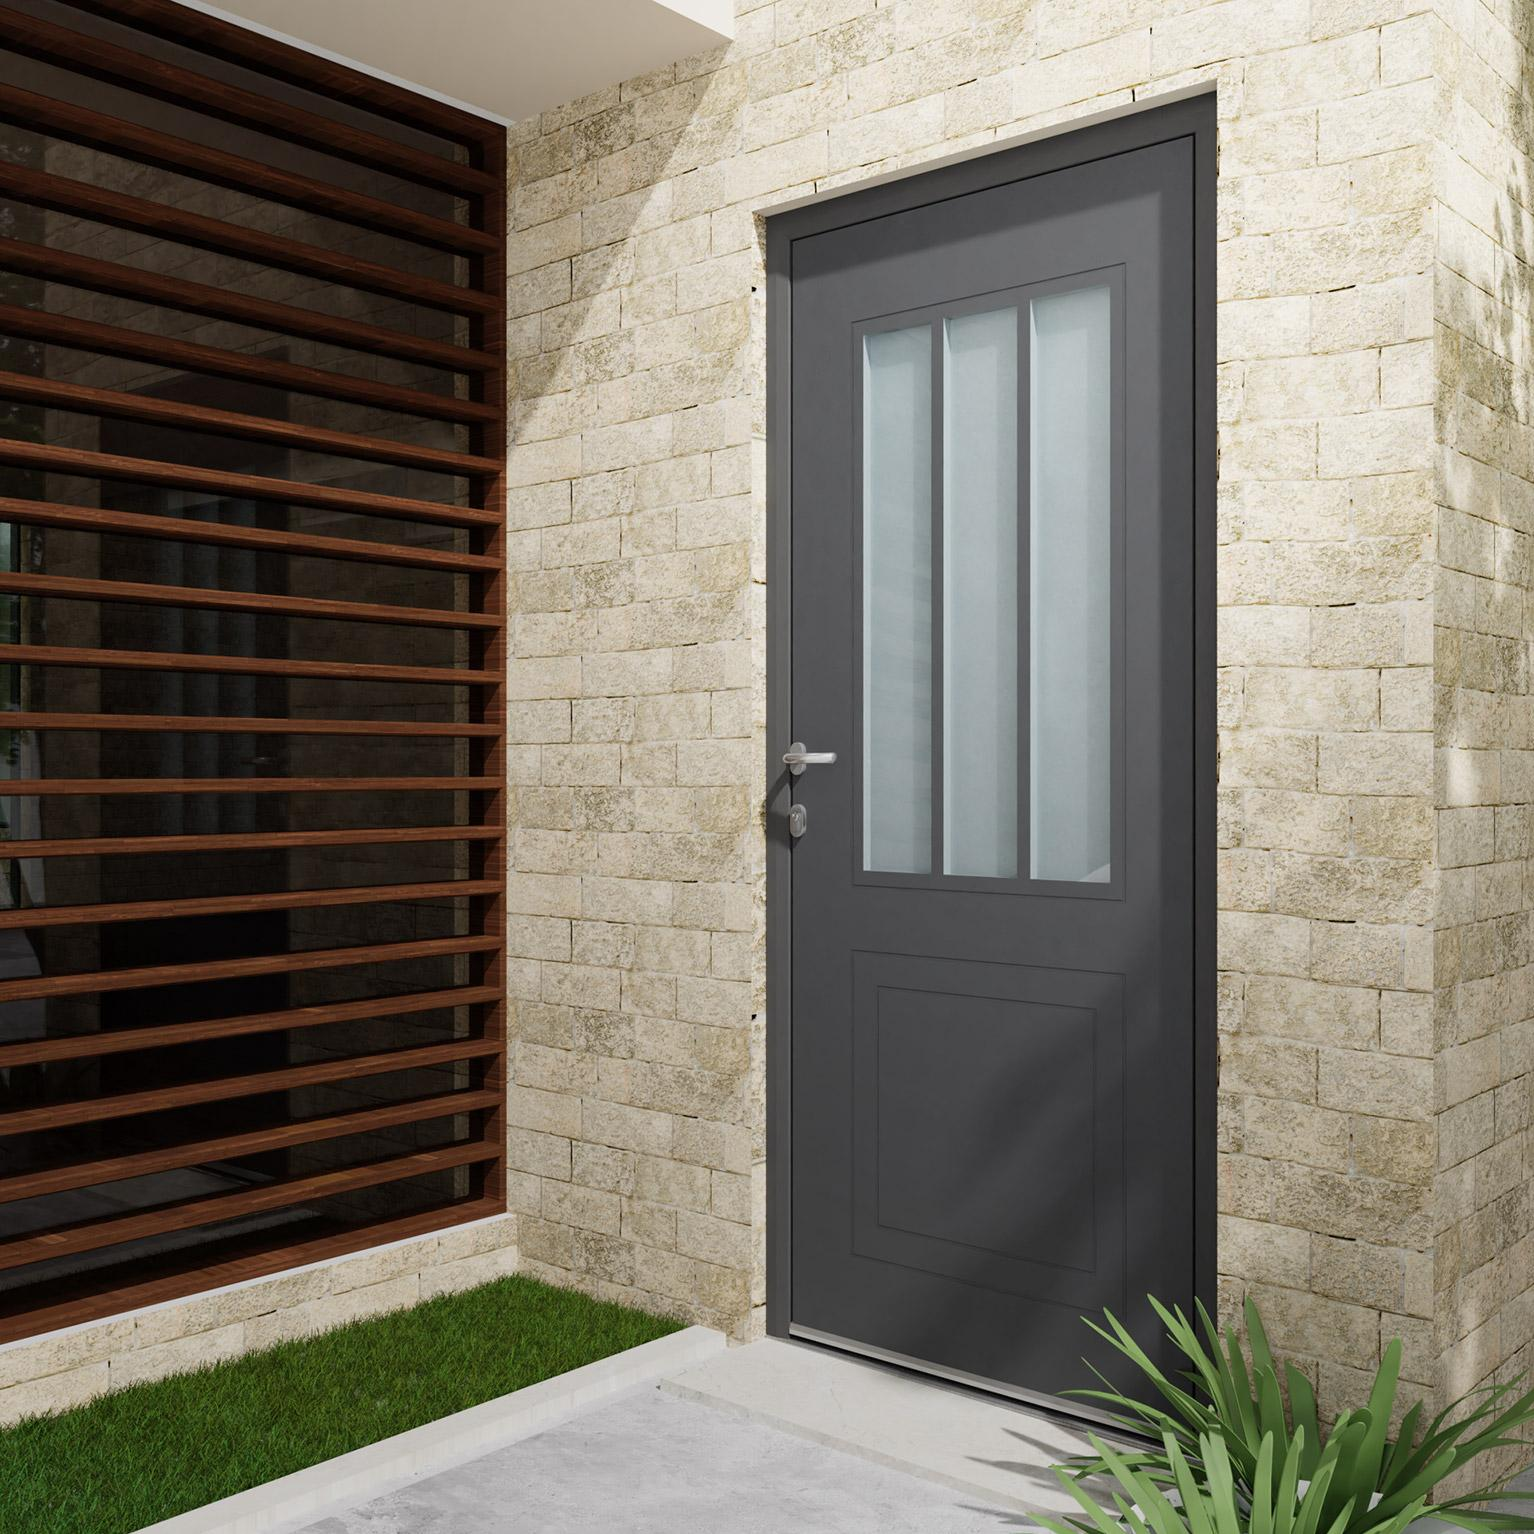 Couleur Porte Interieur Blanc Gris porte d'entrée alu atelier essentiel h.215 x l.90 cm 1/2 gris anthr., p.  droit